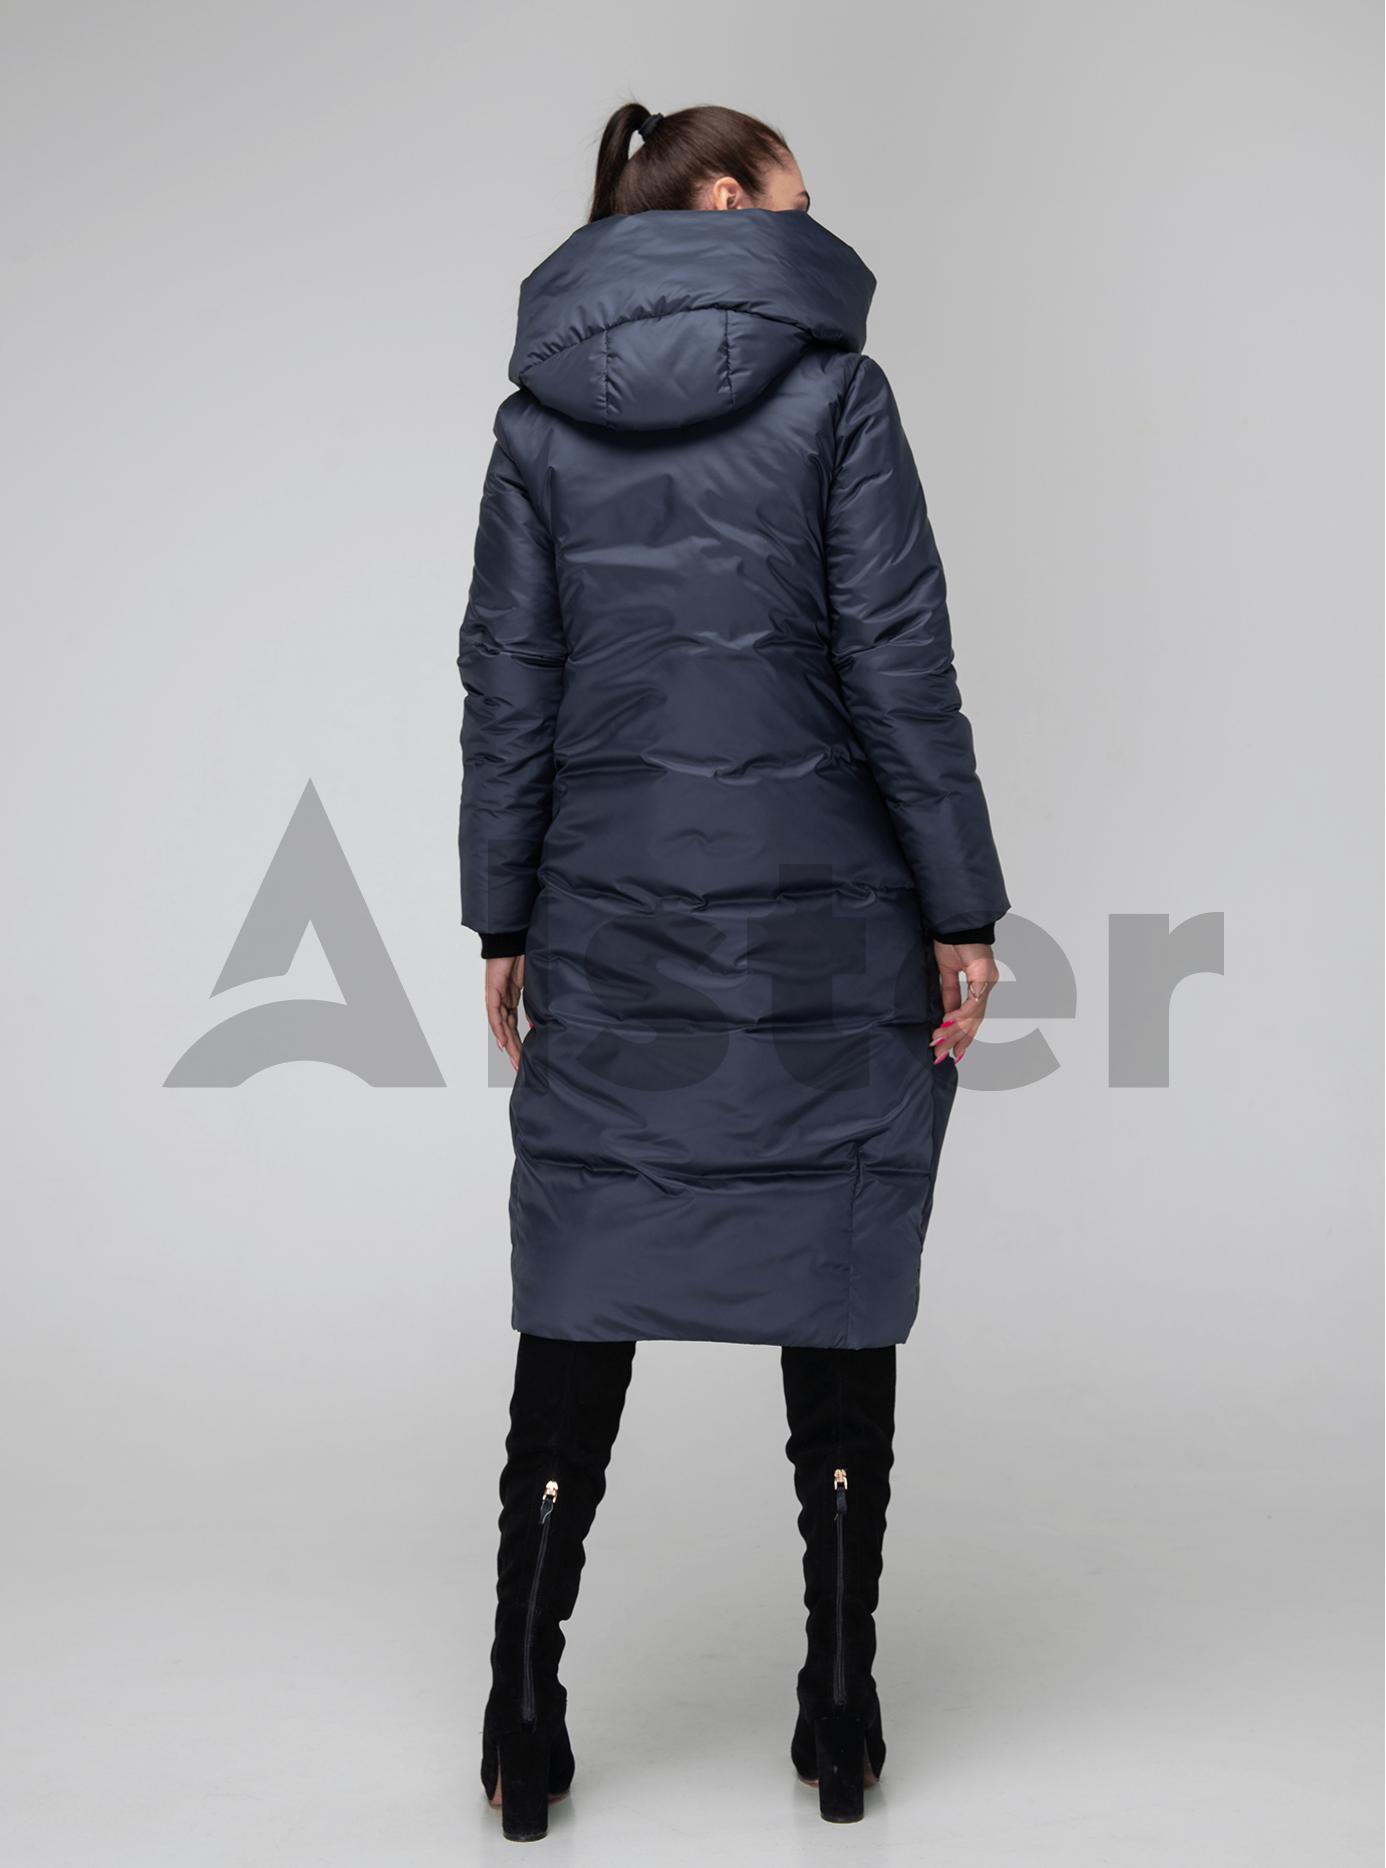 Женская куртка зимняя капюшон с отворотом Графитовый 42 (02-KT190202): фото - Alster.ua